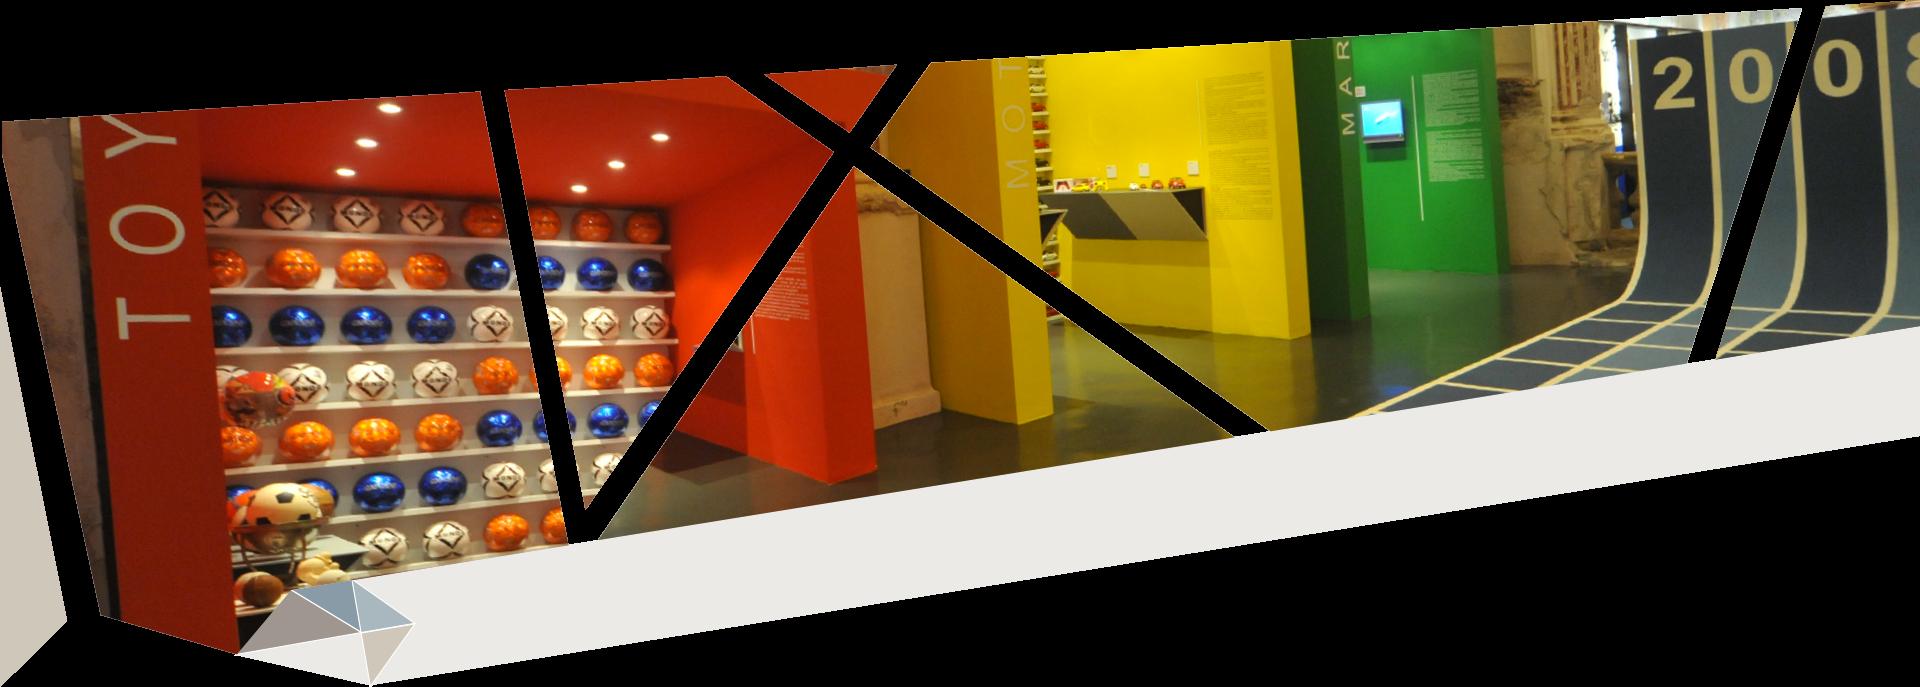 Ego NewCom Agenzia di comunicazione per Mondo srl | Exhibit